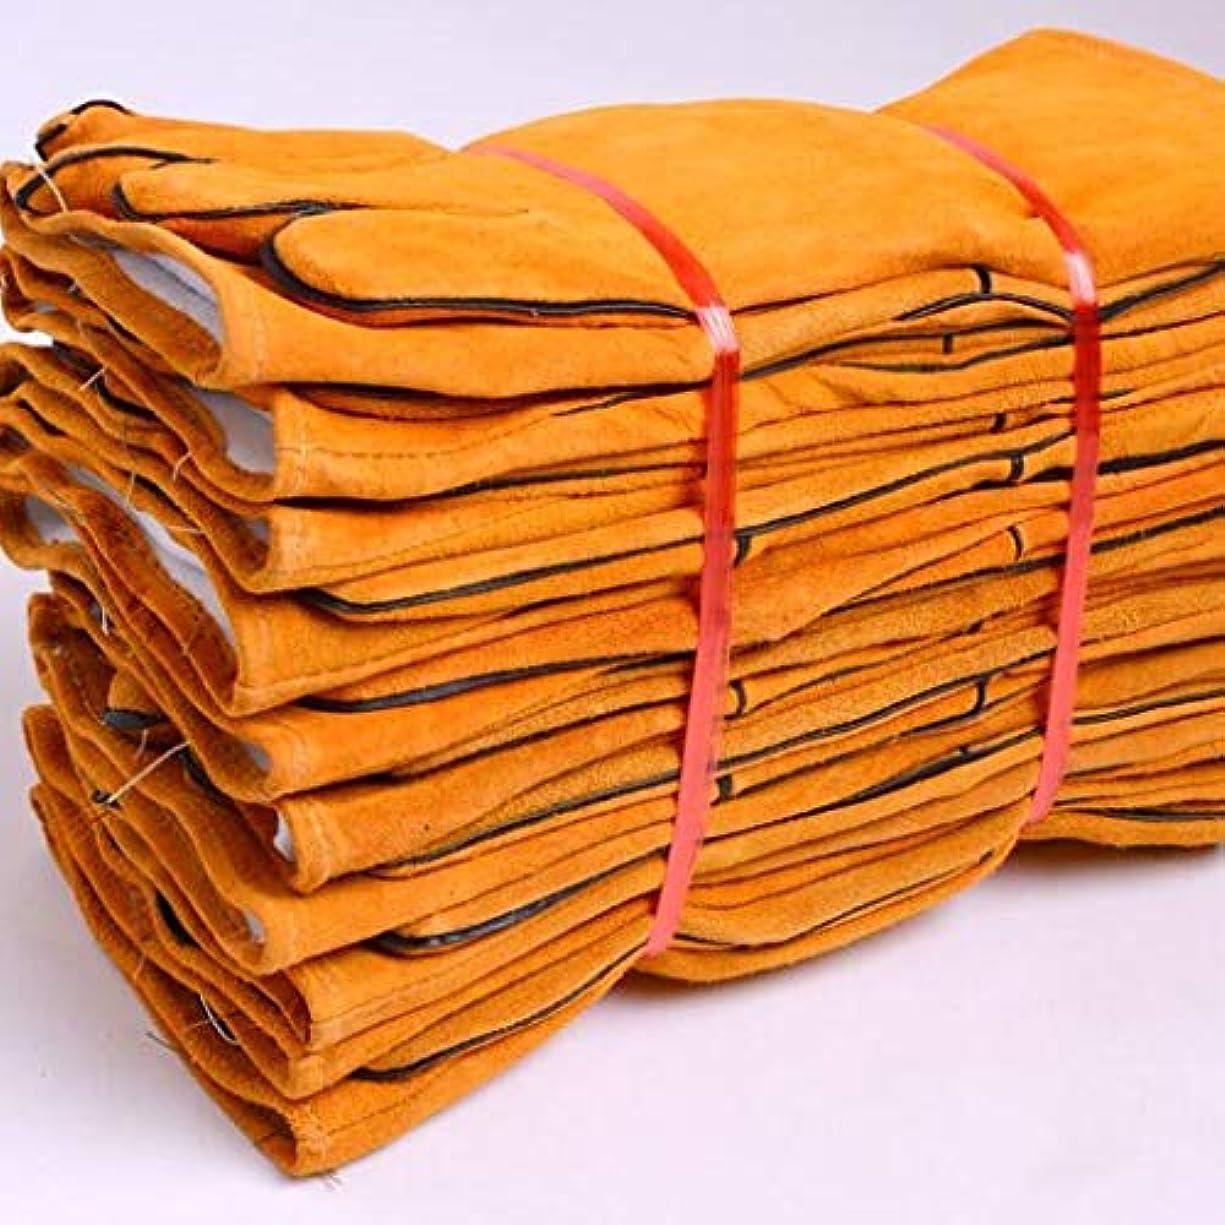 失礼なサーフィンレザーグローブ溶接機溶接溶接溶接機の手袋耐摩耗性の長い厚い耐熱絶縁の抗スケーリング8ペア SHWSM (Color : Yellow)